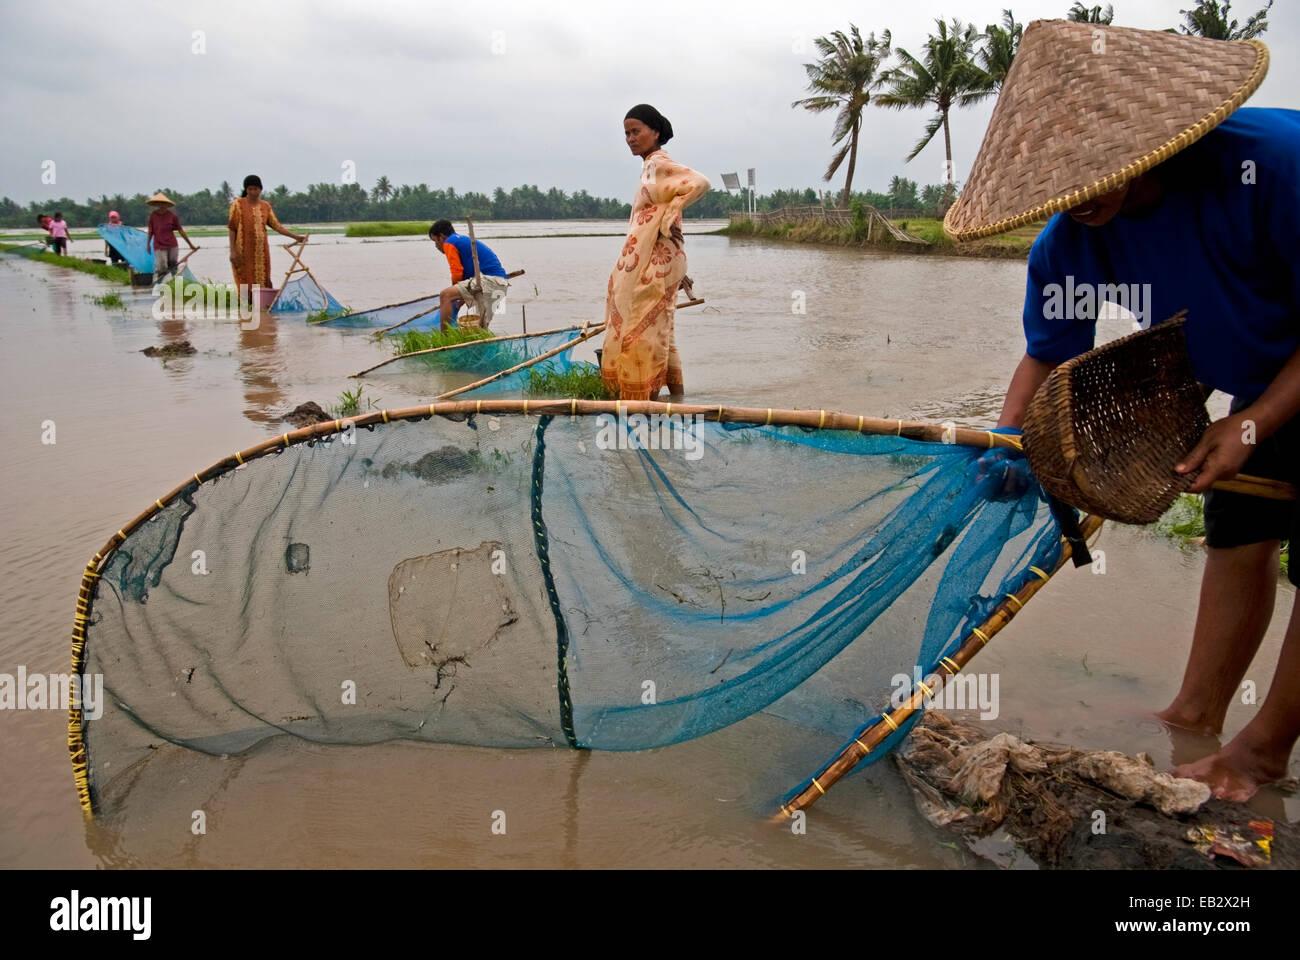 La pêche avec des filets de poisson les agriculteurs, une alternative pour l'alimentation lorsque les rizières Photo Stock